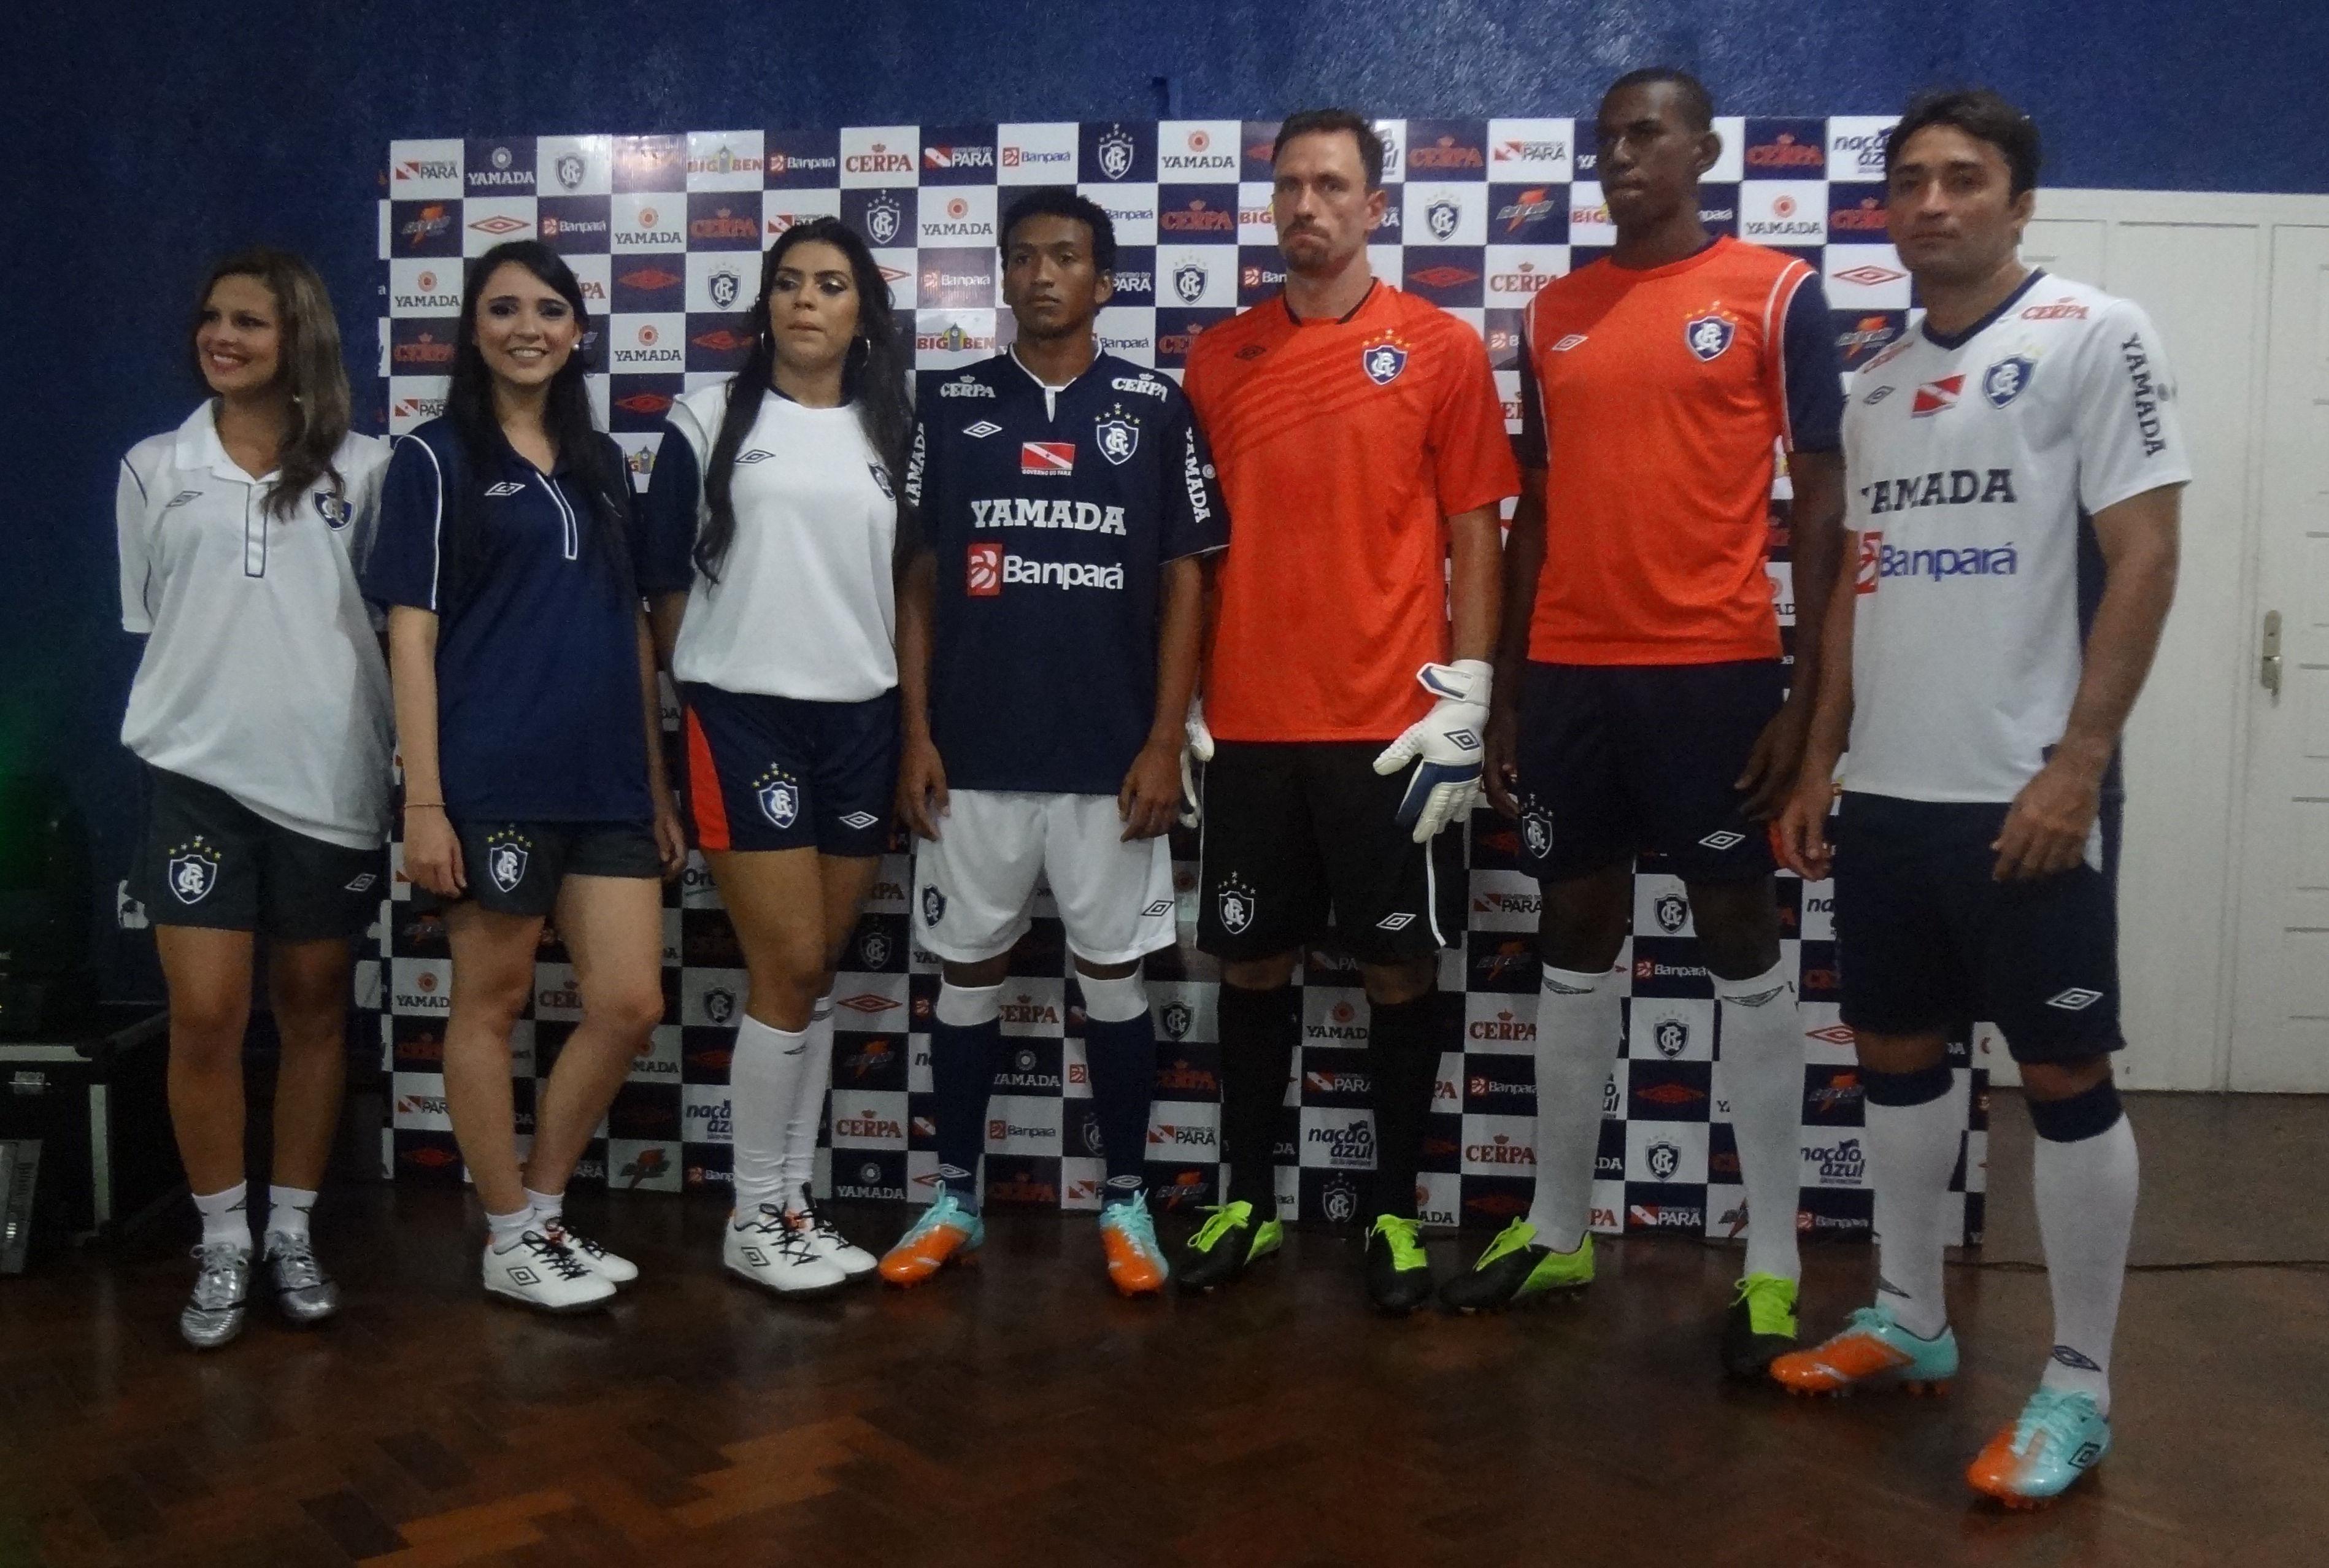 Clube do Remo lança uniforme  tradicional  para a temporada 2013 ... cb90d3cd707d5